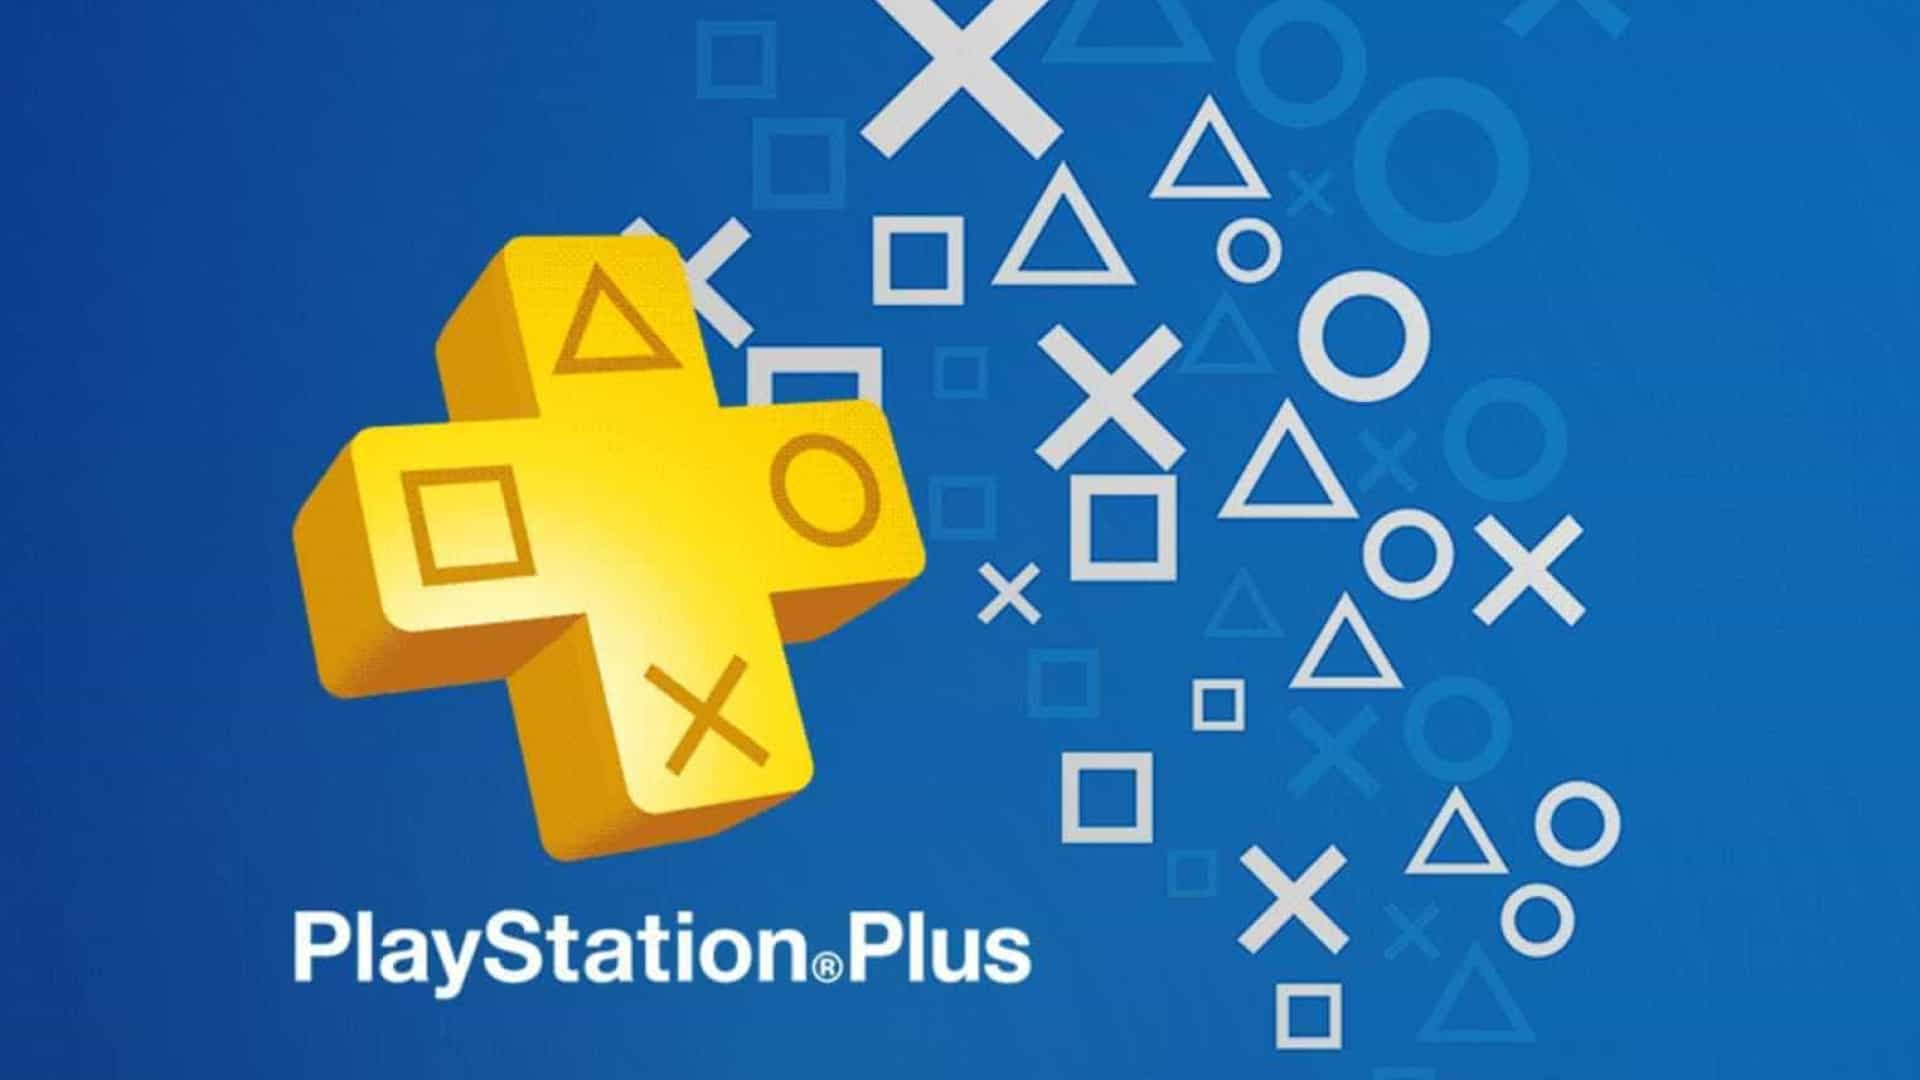 Pode jogar online gratuitamente na PlayStation 4 a partir de hoje